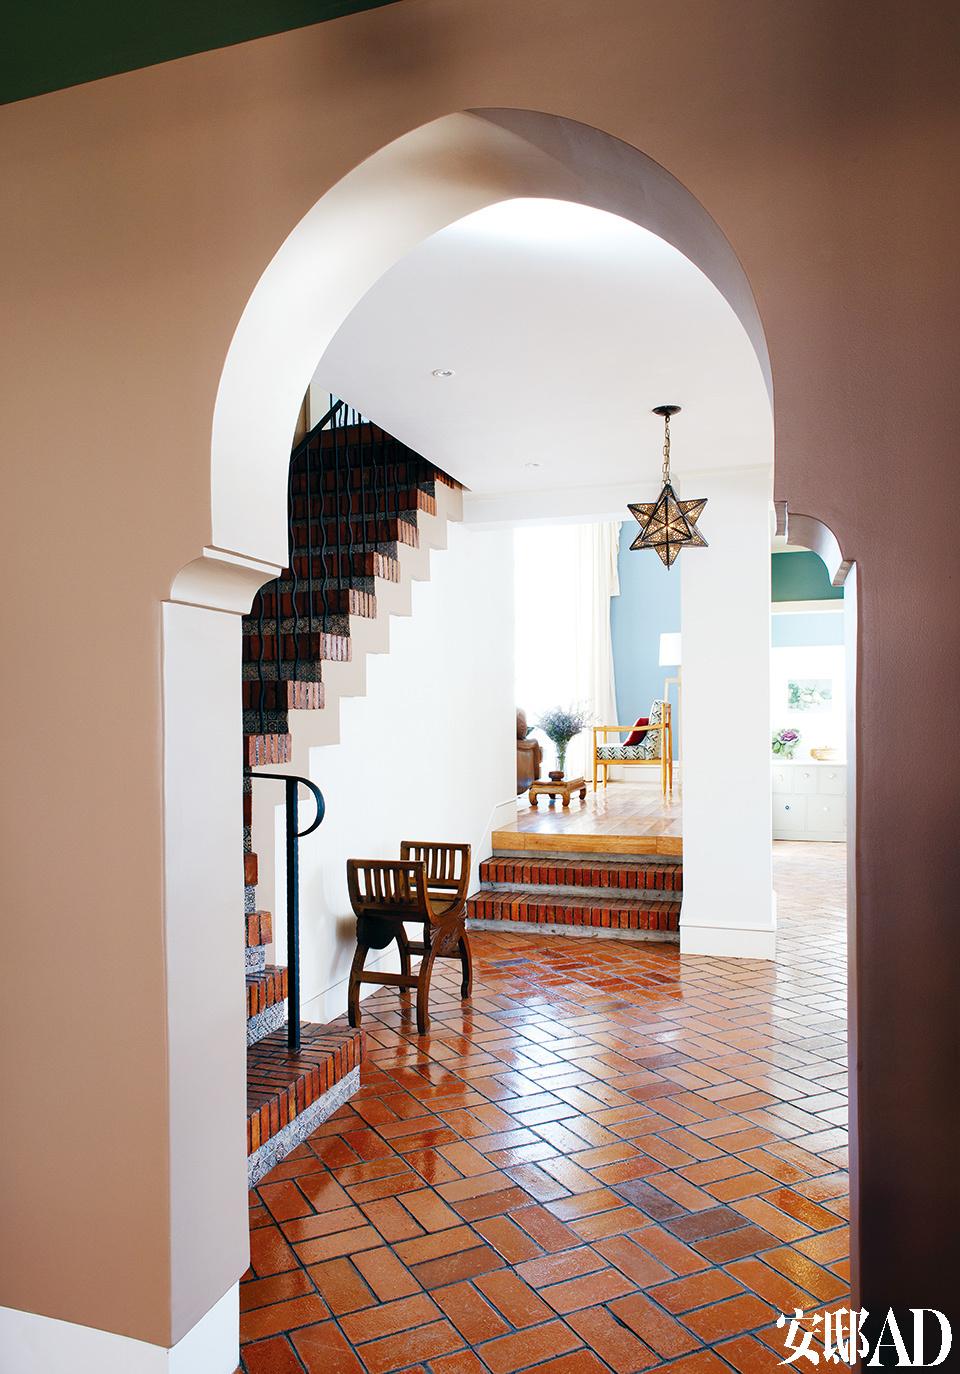 玄关处能看到一个伊斯兰风格的圆形拱门,恰如其分地点明了这个家的整体气质。